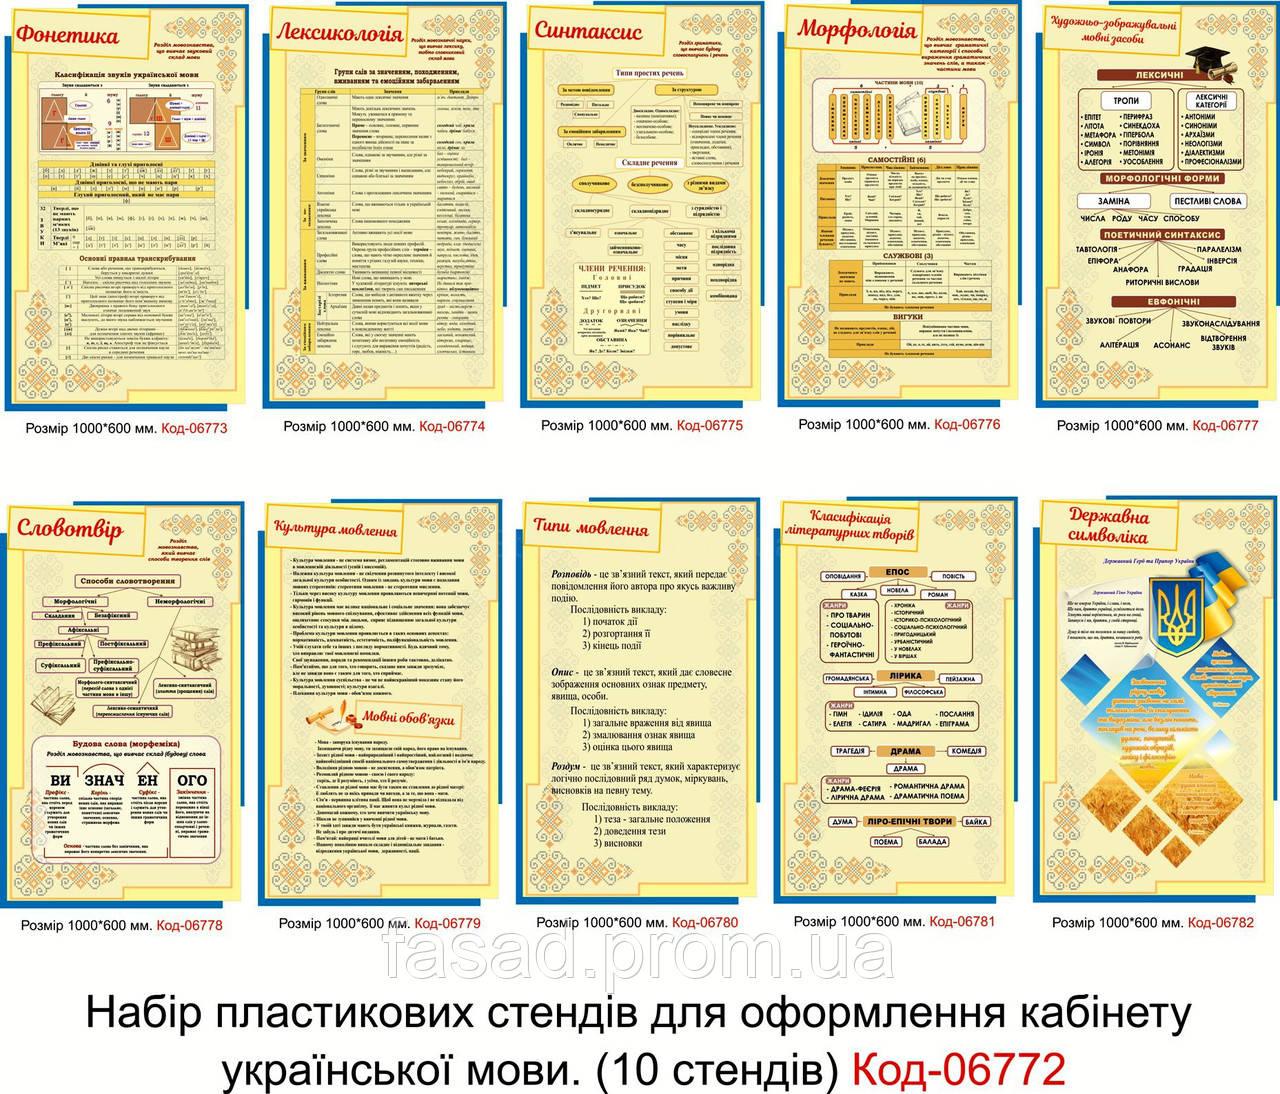 Cтенди для кабінету української мови Код-06772